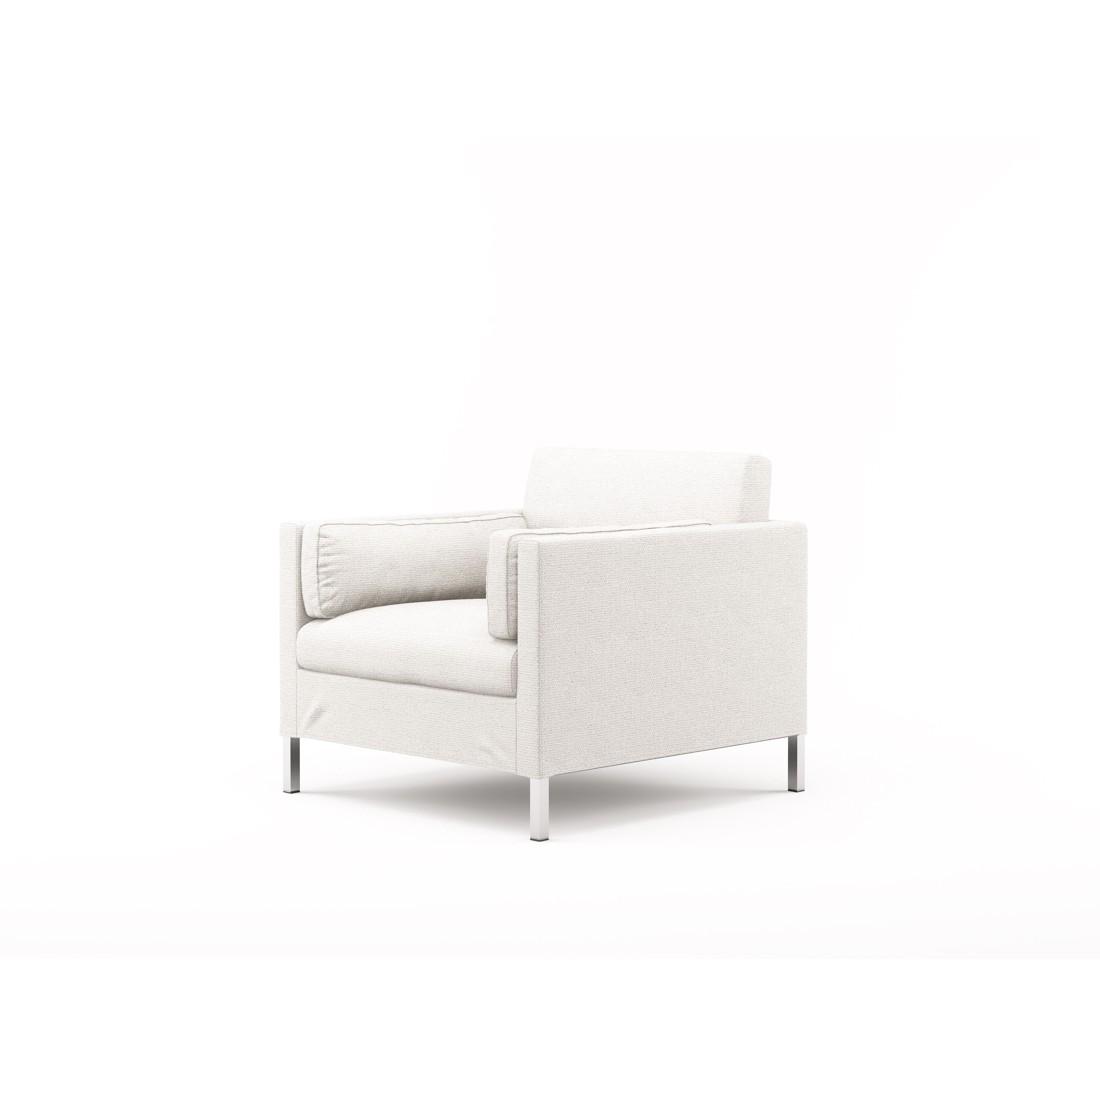 Sessel Jacobsen – Strynø I Natur (Wheatweiß), Von Wilmowsky günstig online kaufen